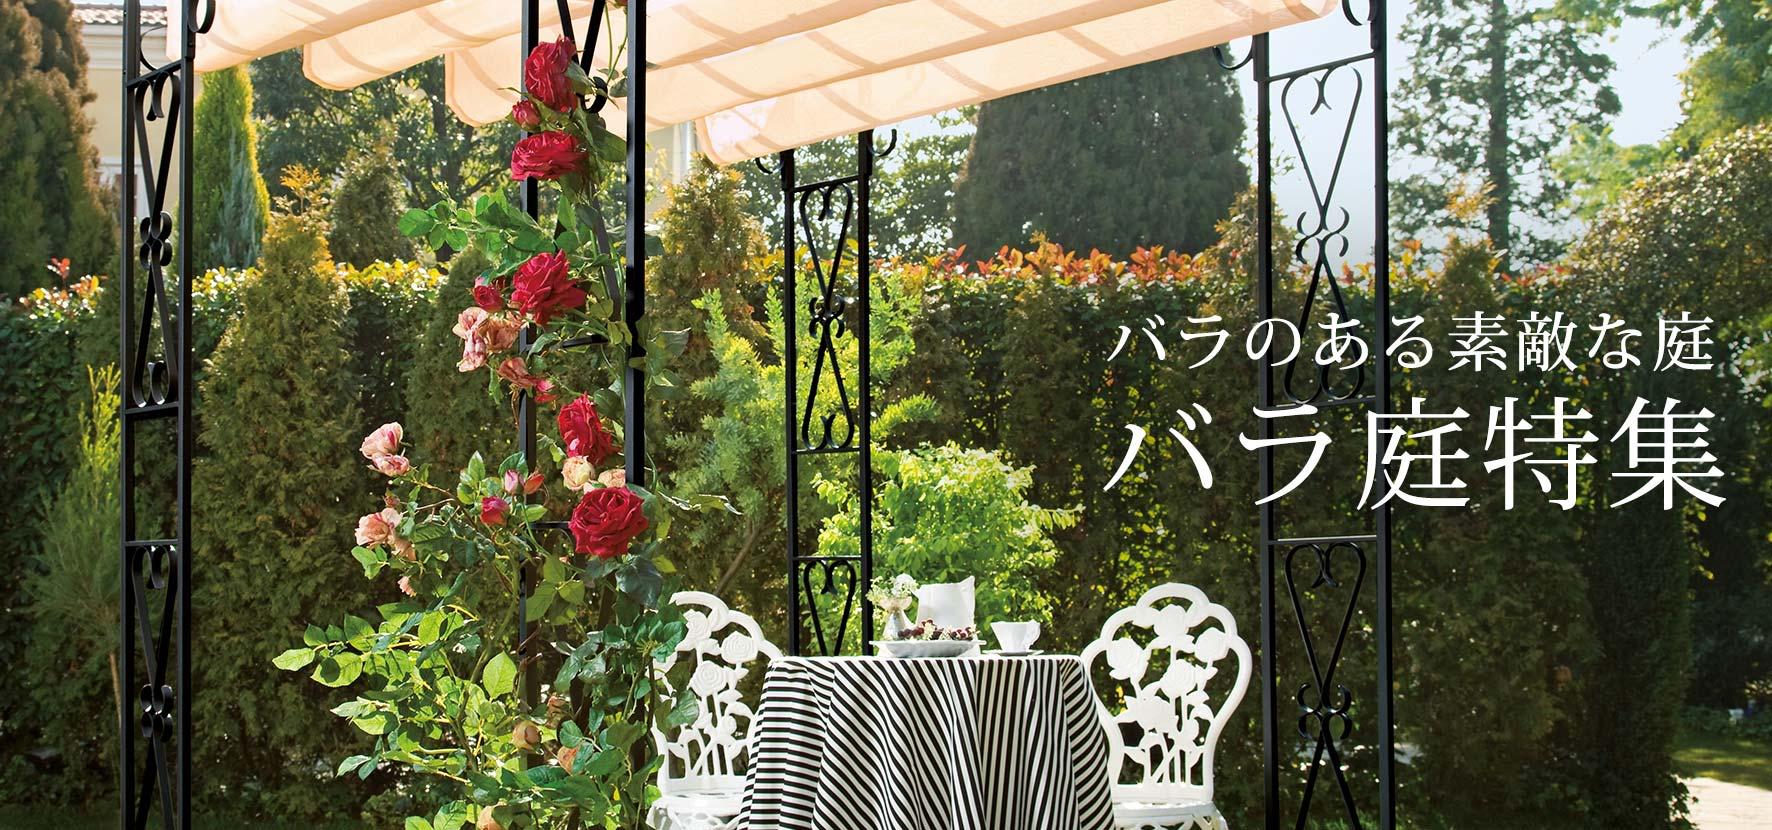 バラのある素敵な庭